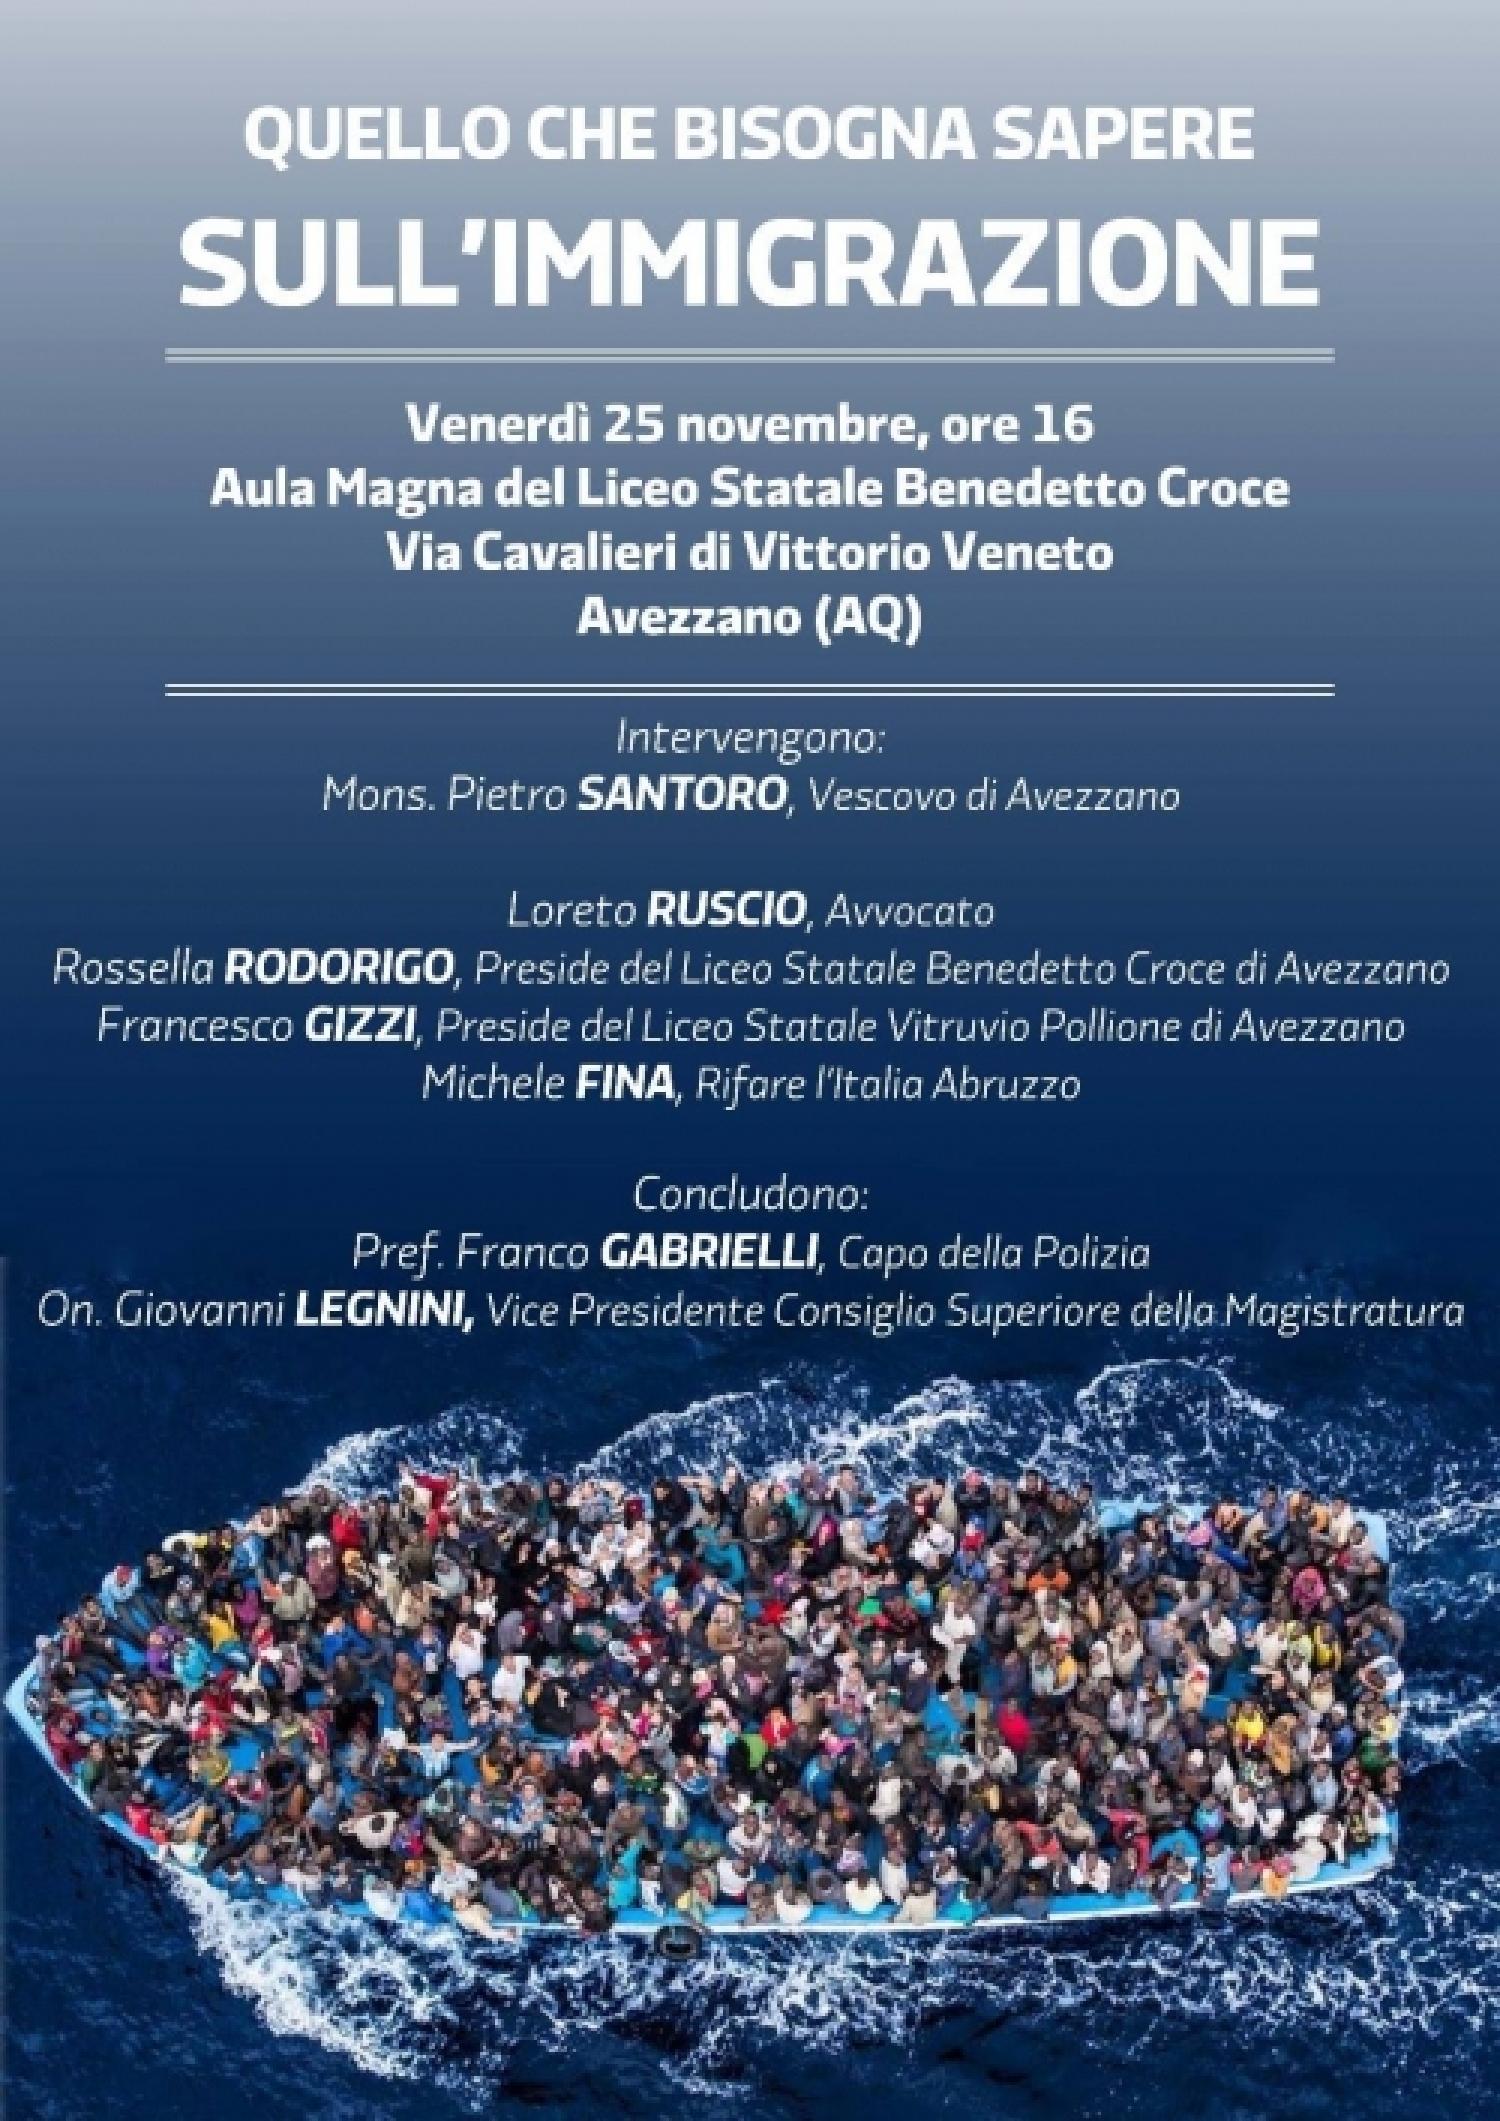 locandina evento immigrazione 25.11.16.jpg